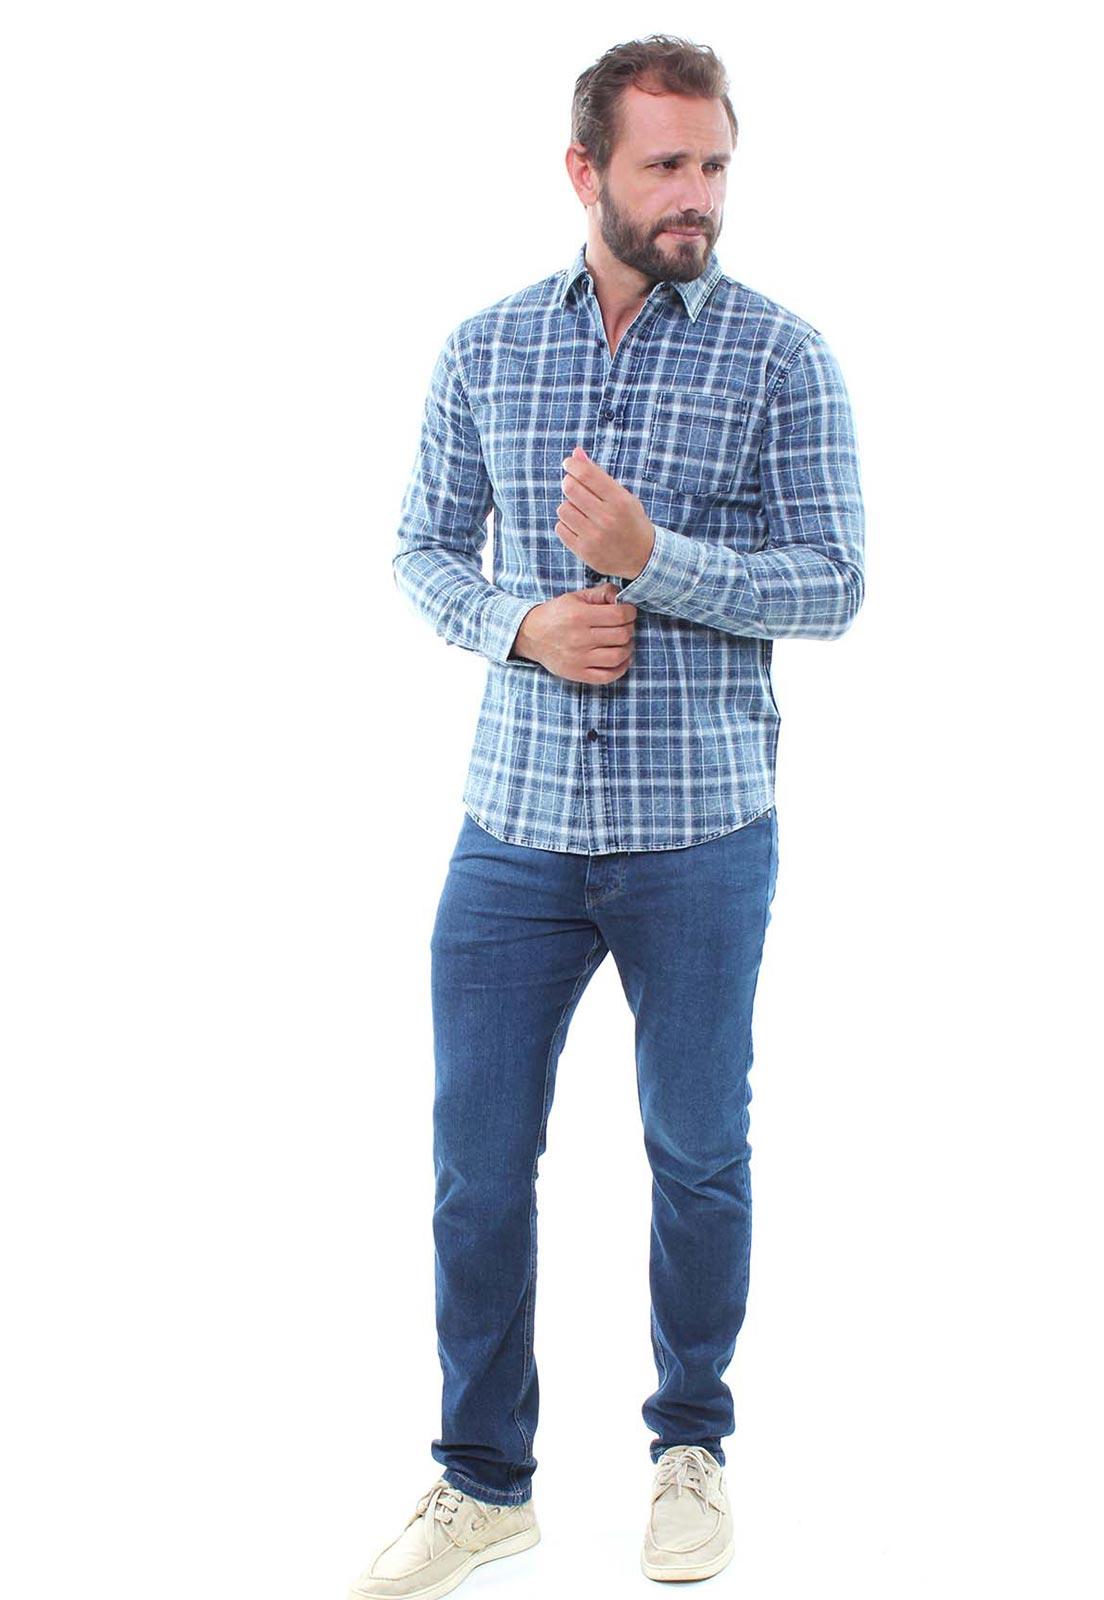 Camisa Masculina Manga Longa Xadrez Estonada Crocker - 46901  - CROCKER JEANS